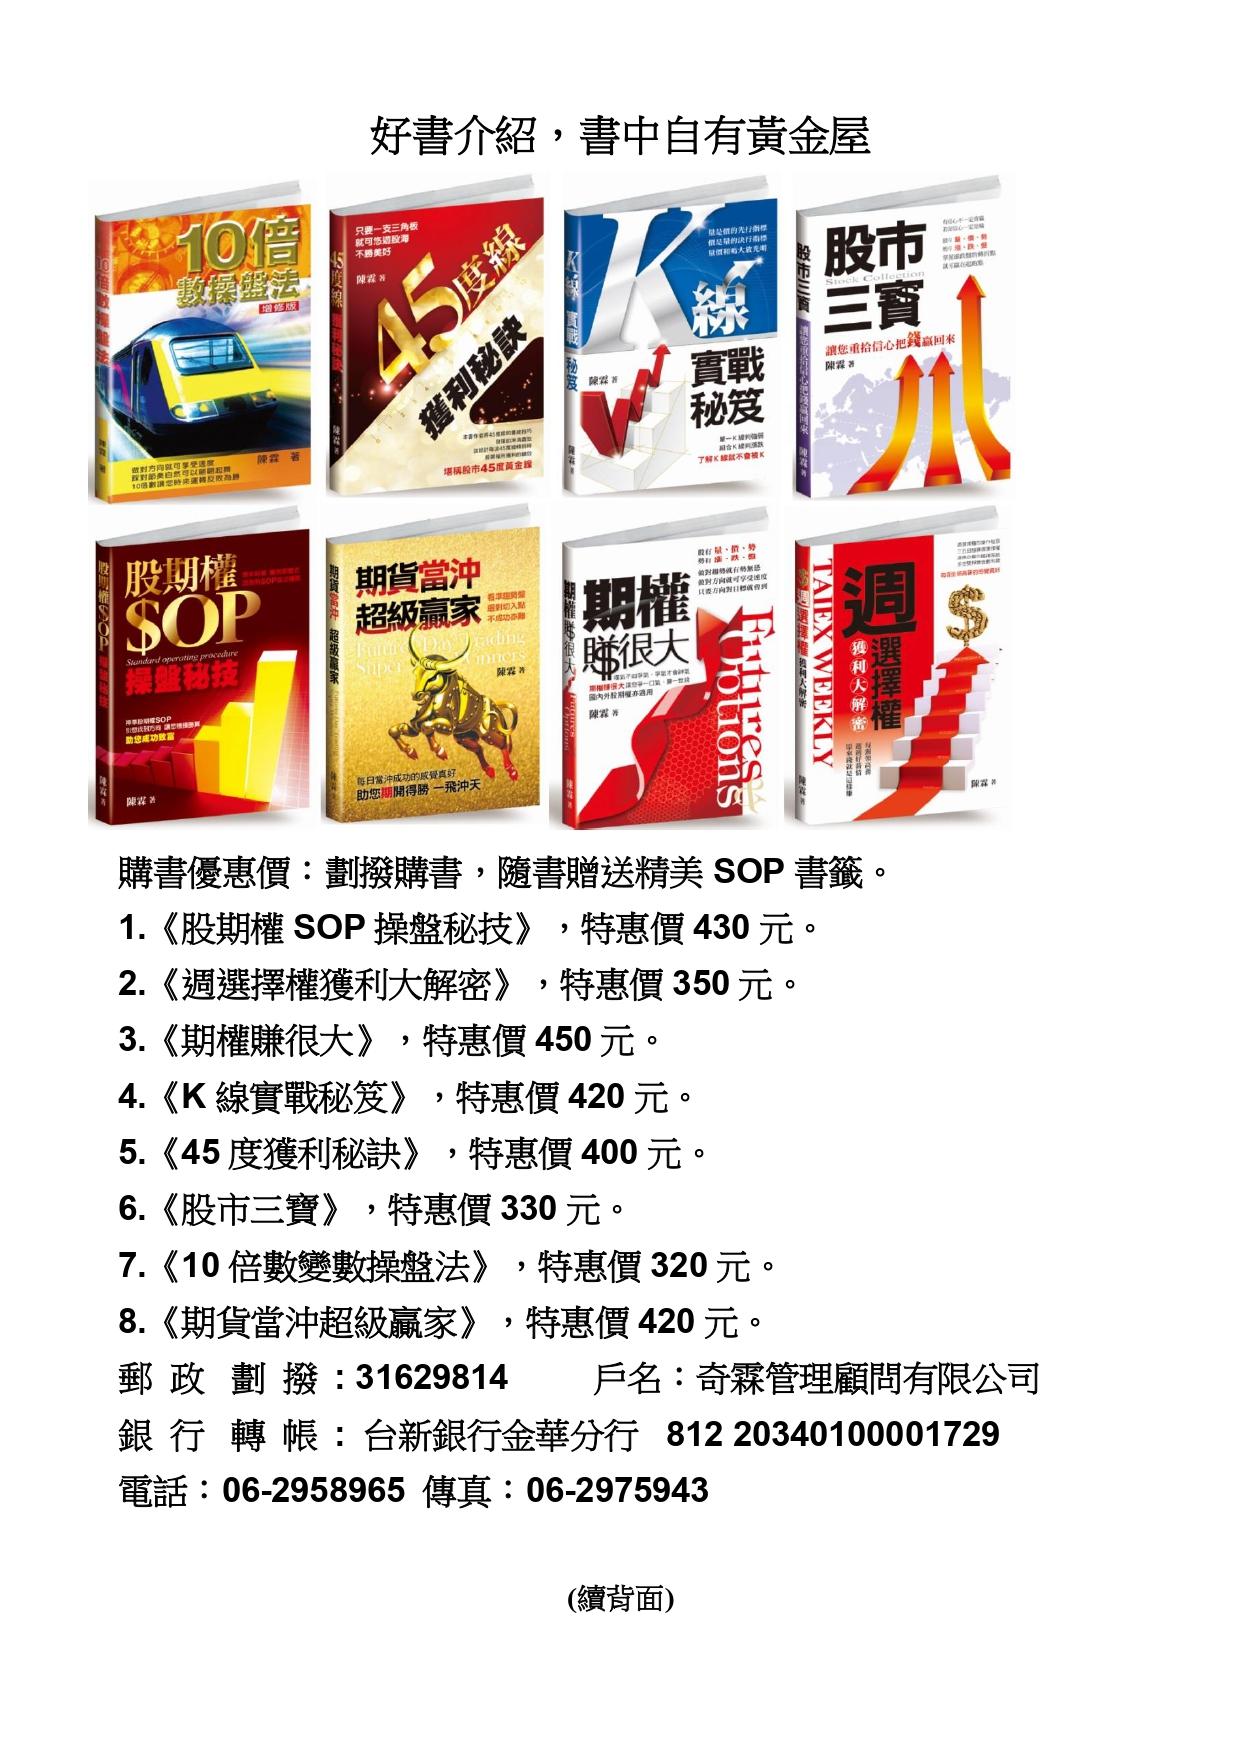 110年9月份中南部彩色廣告單_page-0002